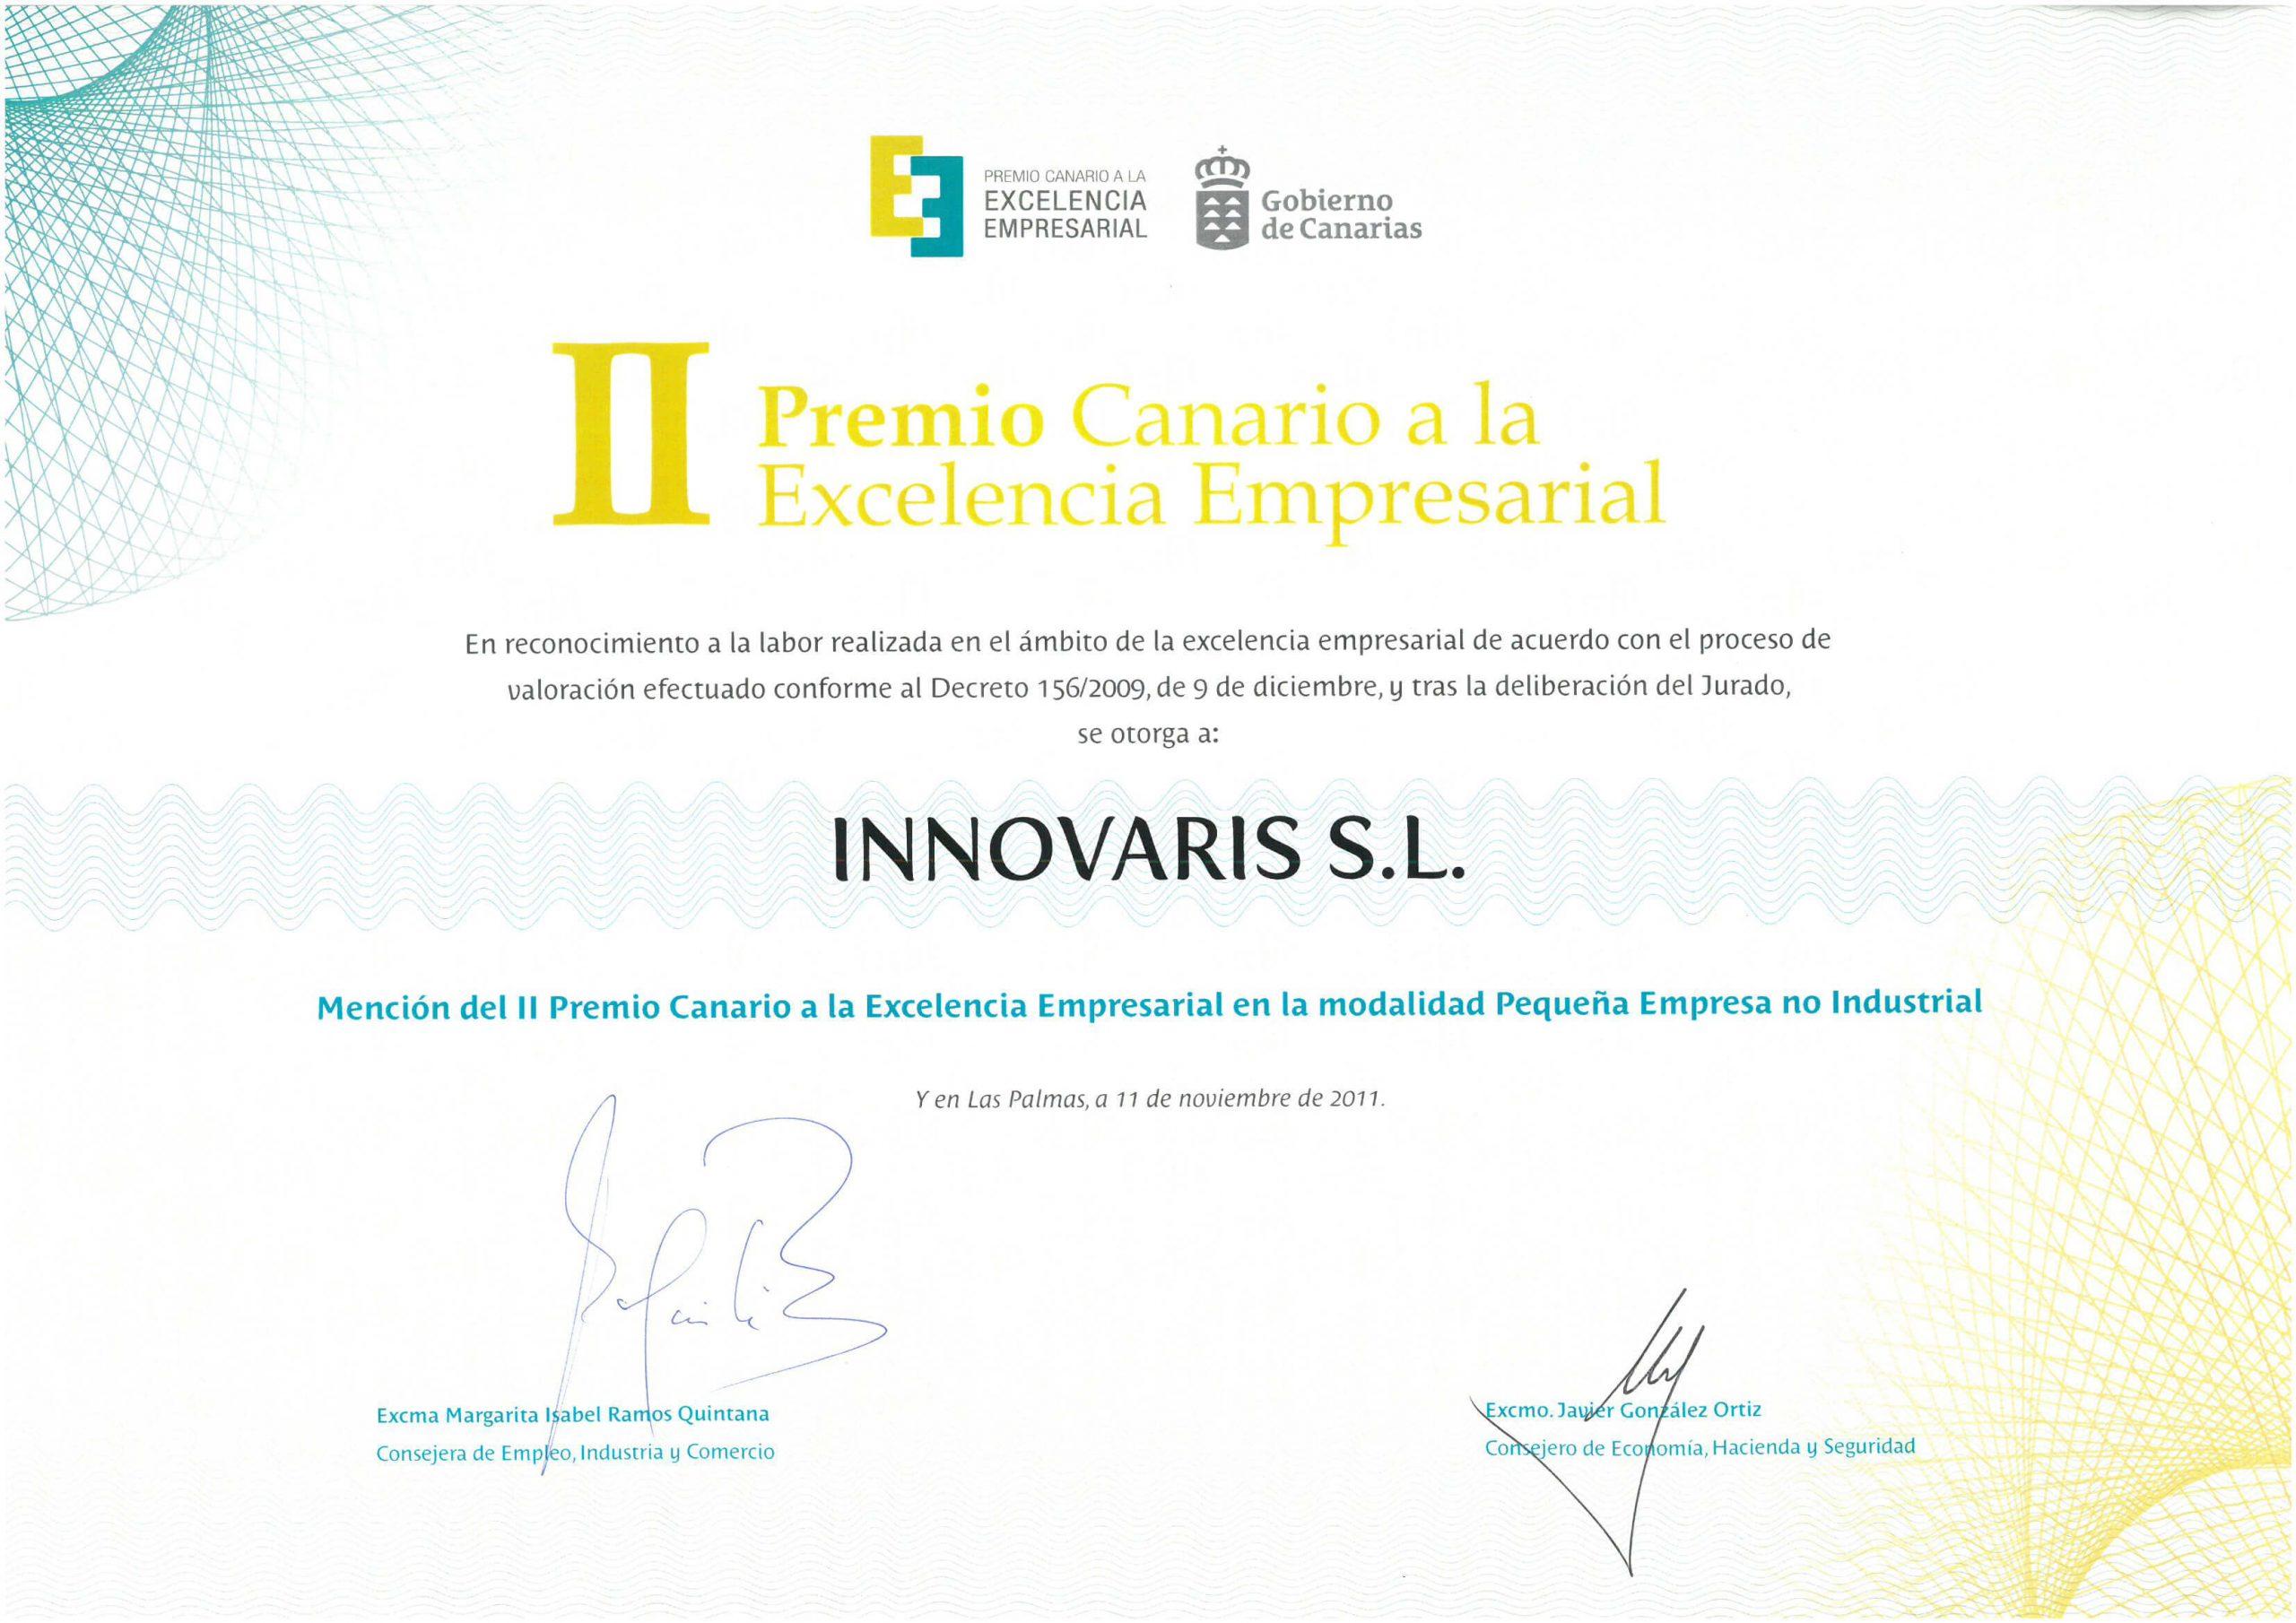 Premio a la Excelencia Empresarial Gobierno de Canarias